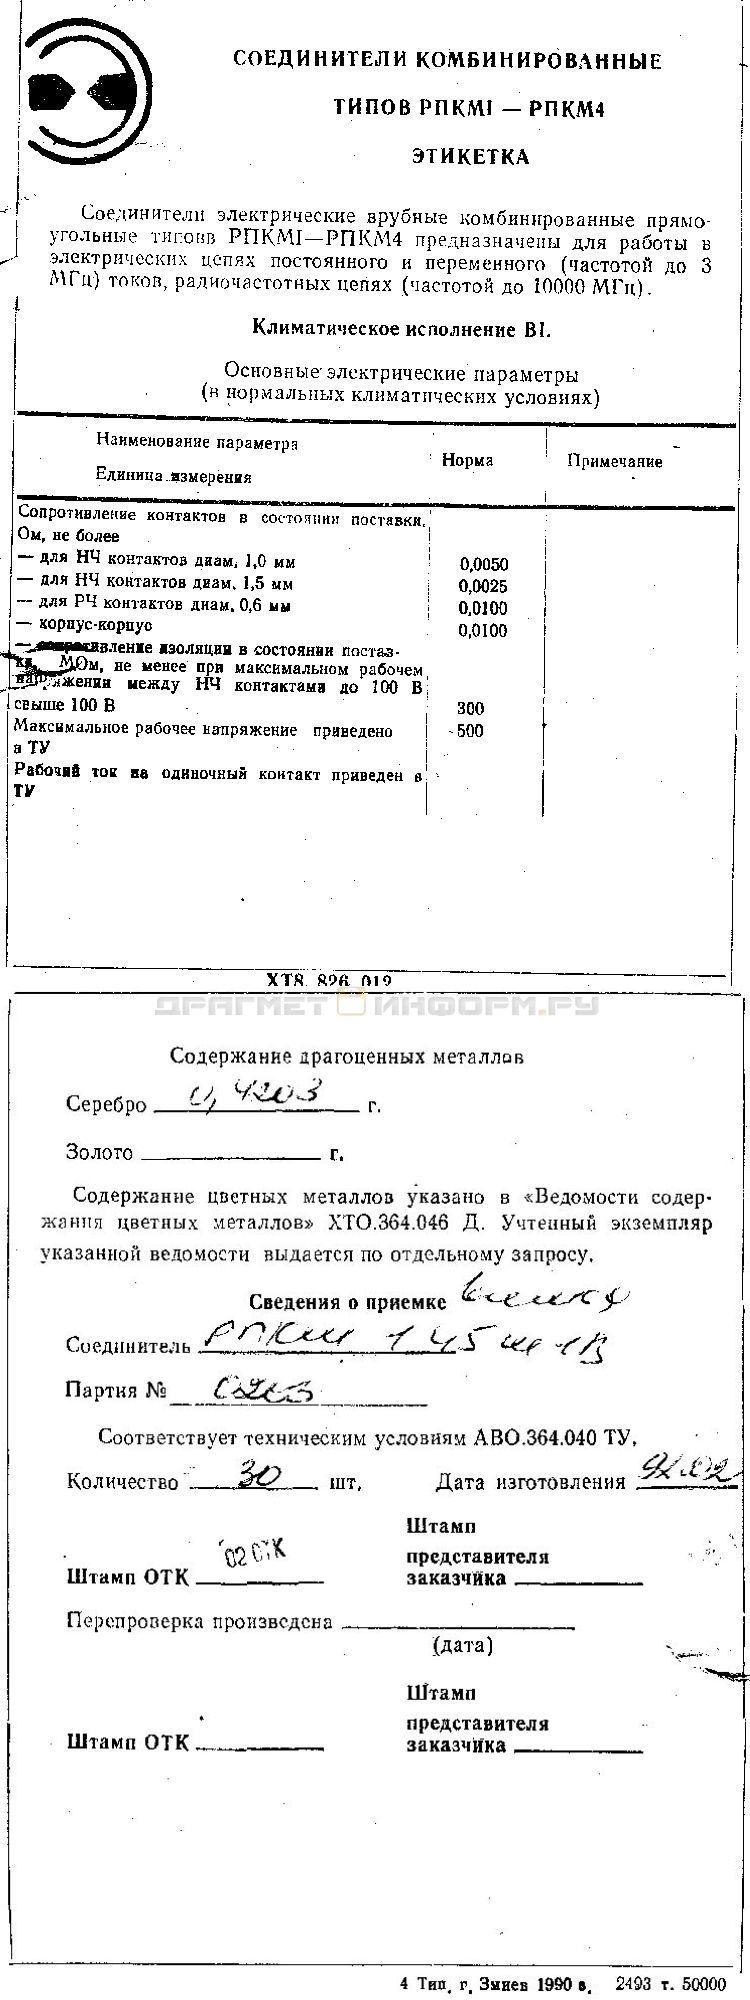 Формуляр РПКМ4-67/67Г1